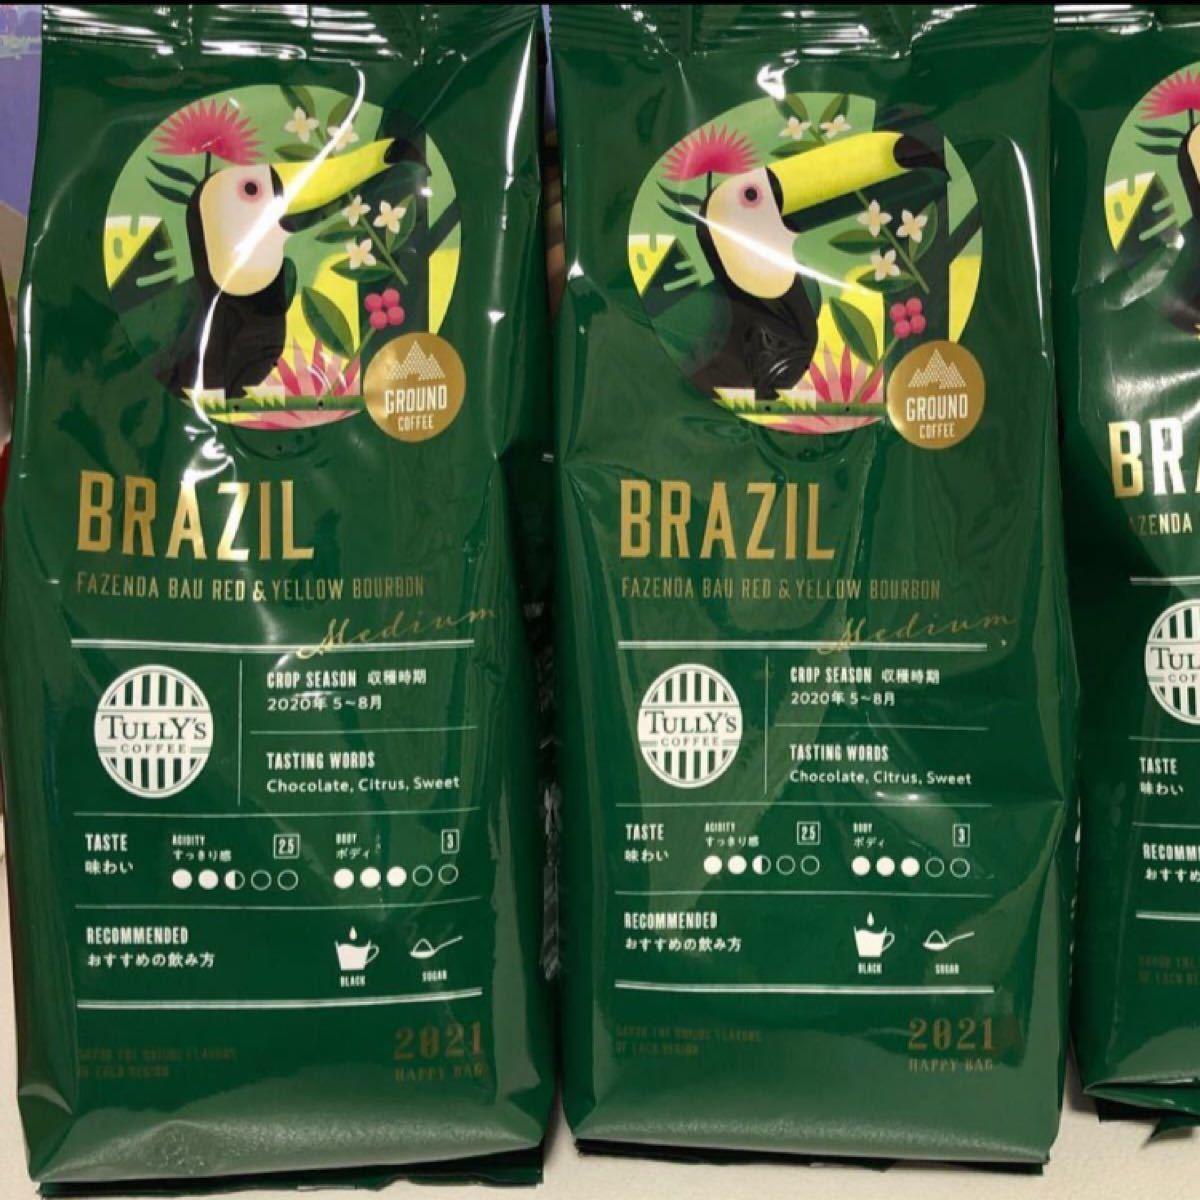 送料無料 コーヒー豆 タリーズコーヒー ブラジル 粉